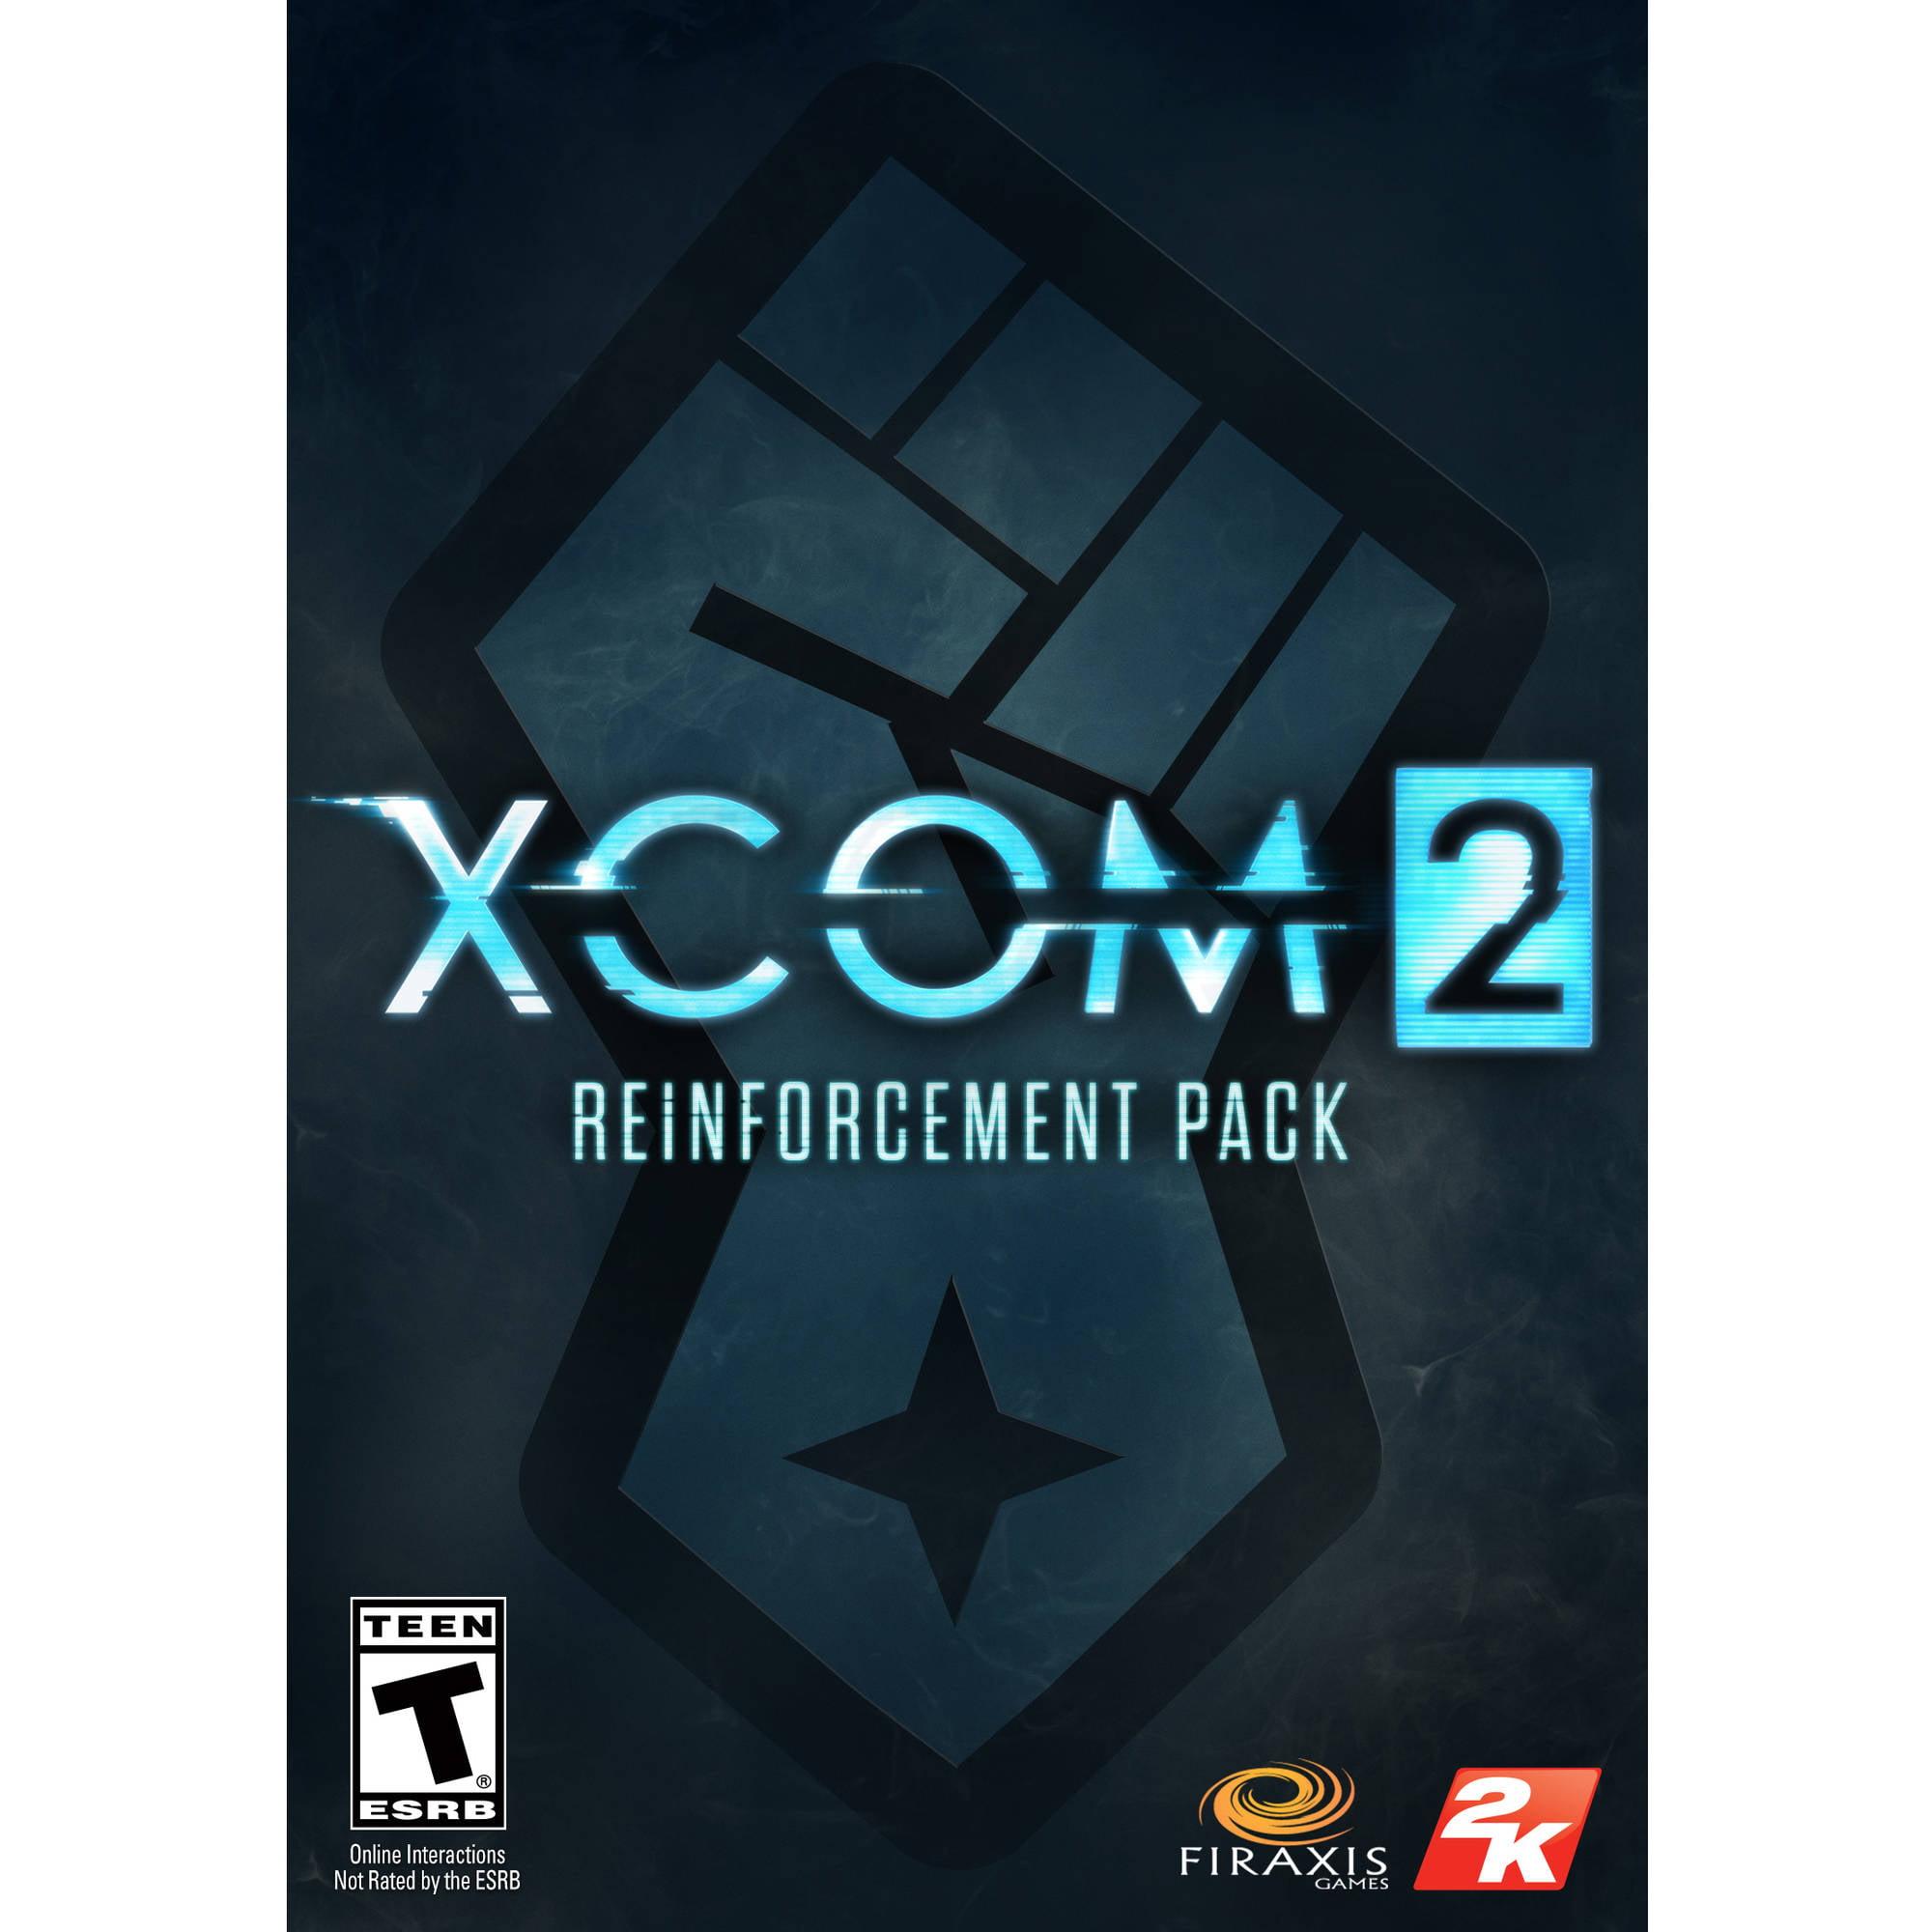 XCOM 2 Reinforcement Pack (Digital Code)